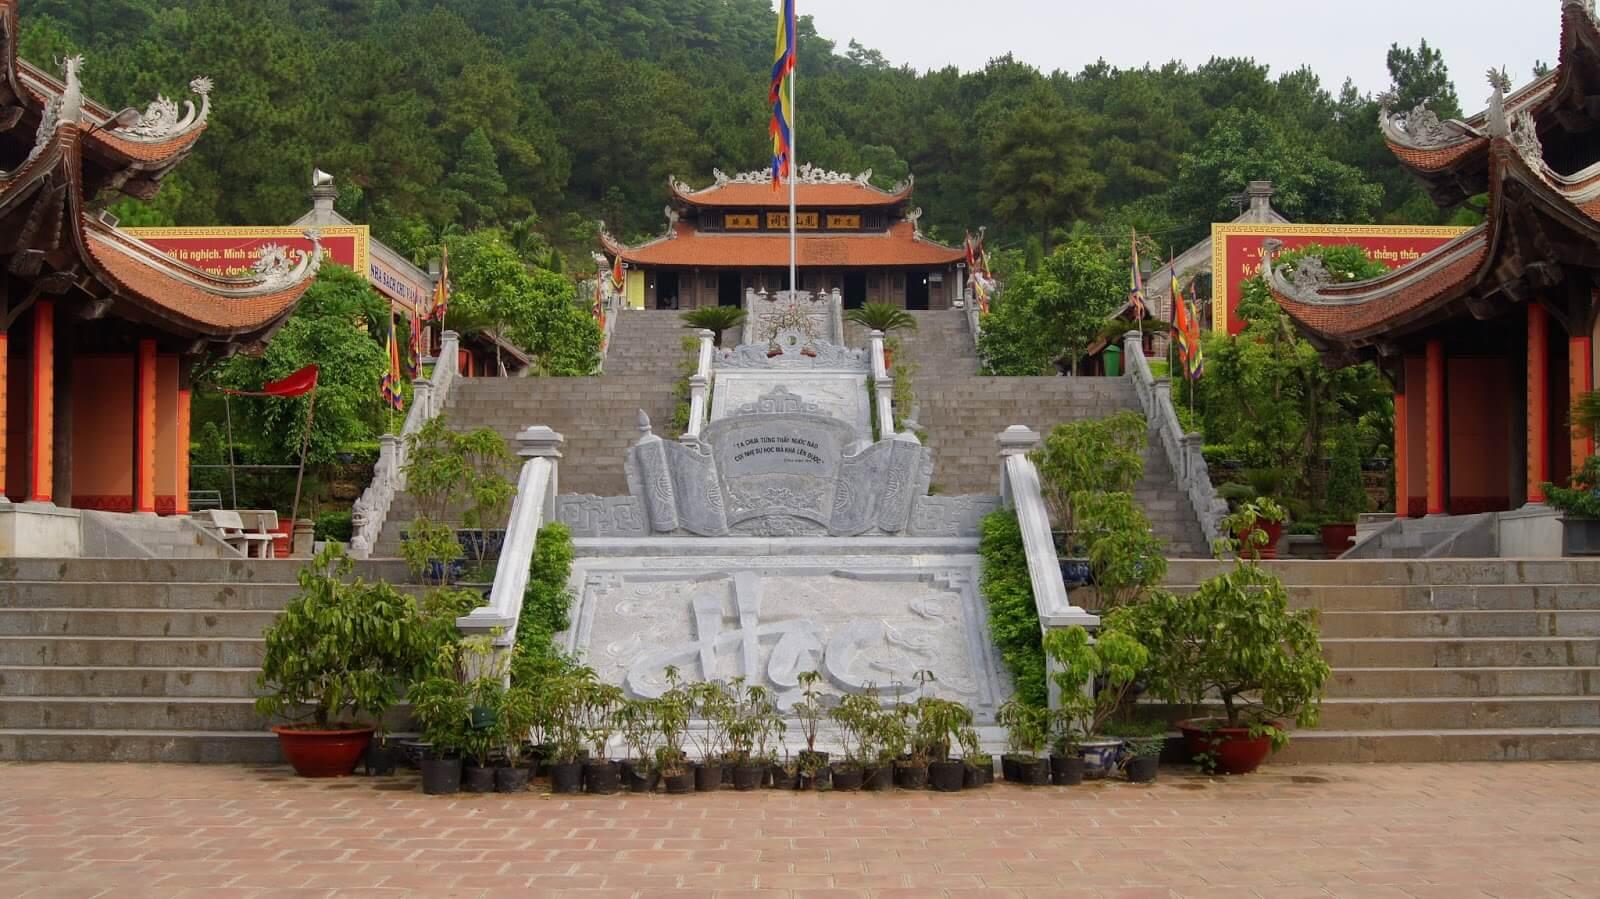 Tour Lễ hội: Hà Nội - Côn Sơn Kiếp Bạc